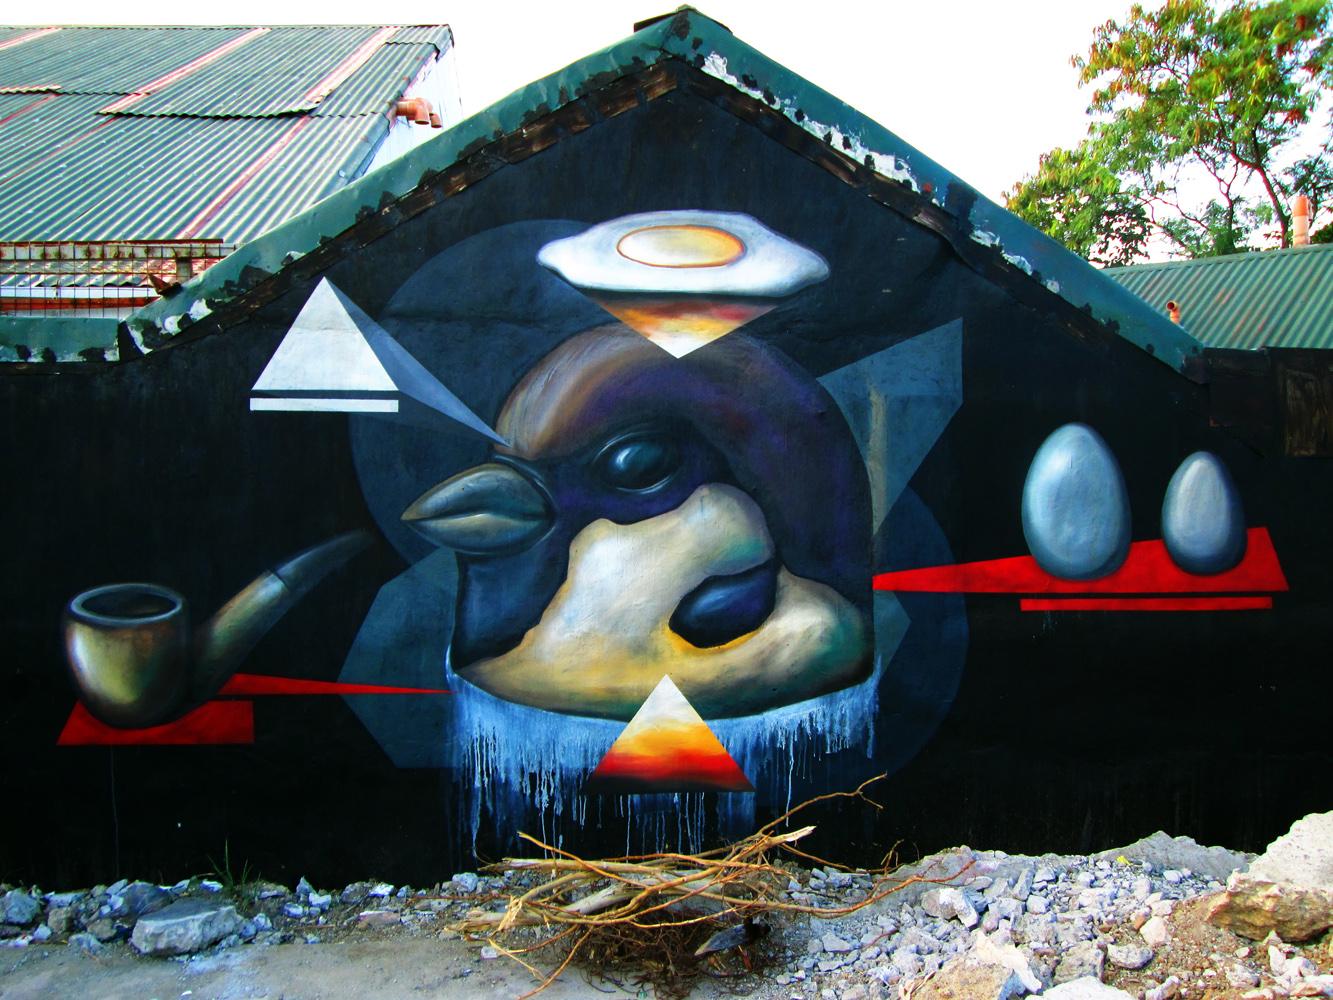 crist-espiritu-sparrow-2-0-new-mural-in-philippines-06